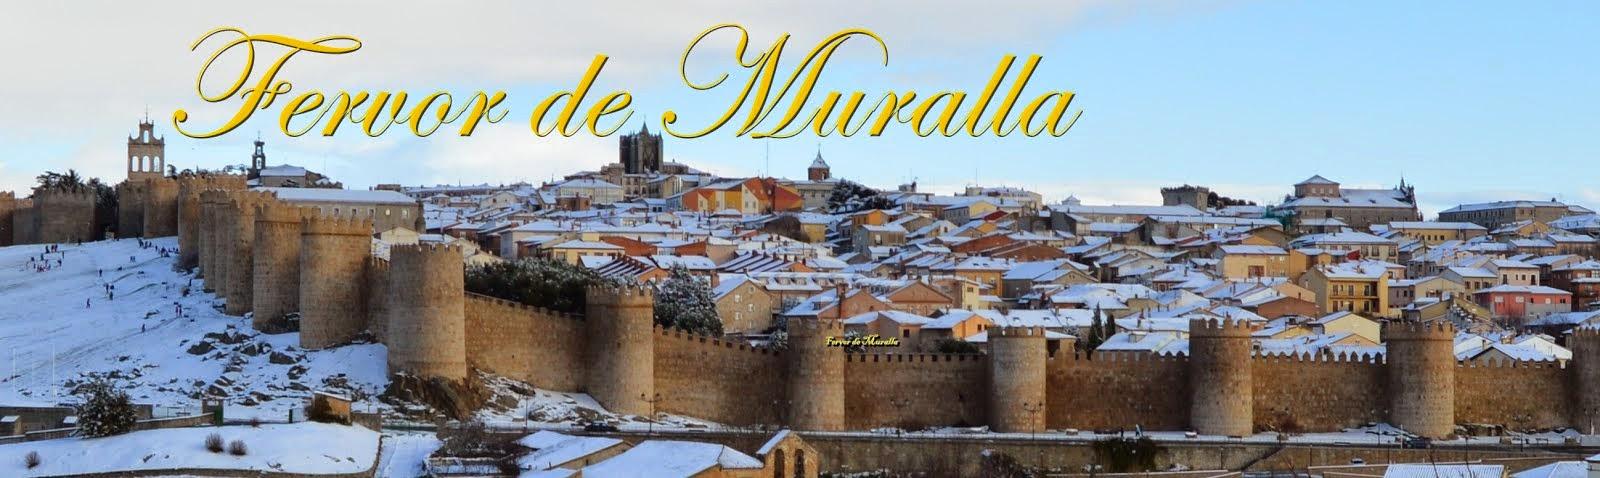 Fervor de Muralla